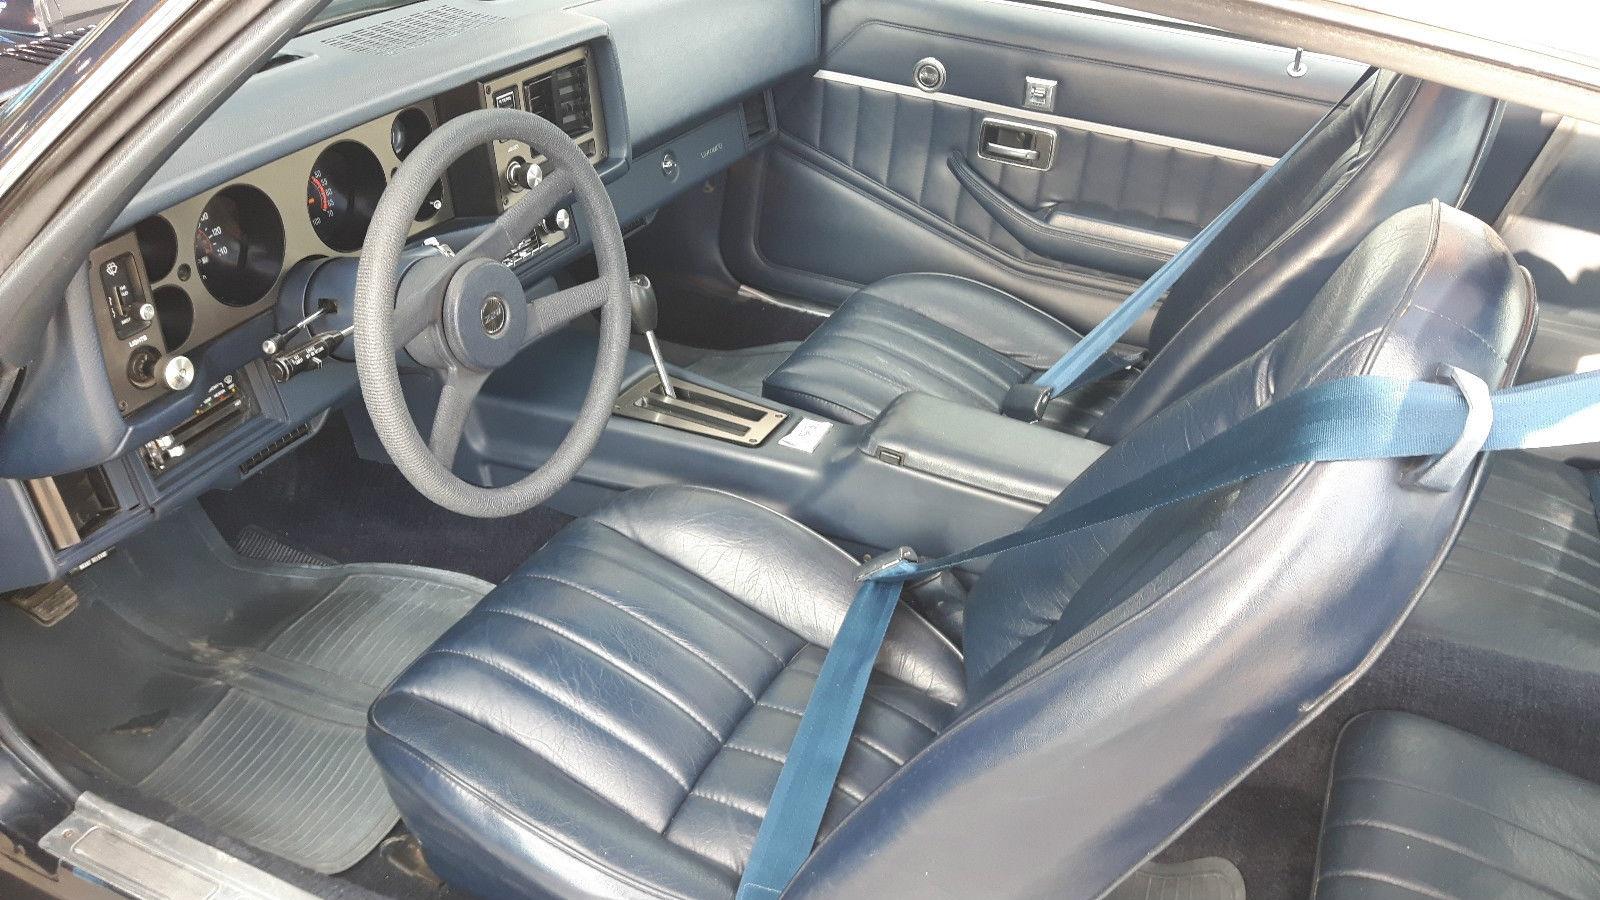 original tires 20k mile 1981 camaro z28